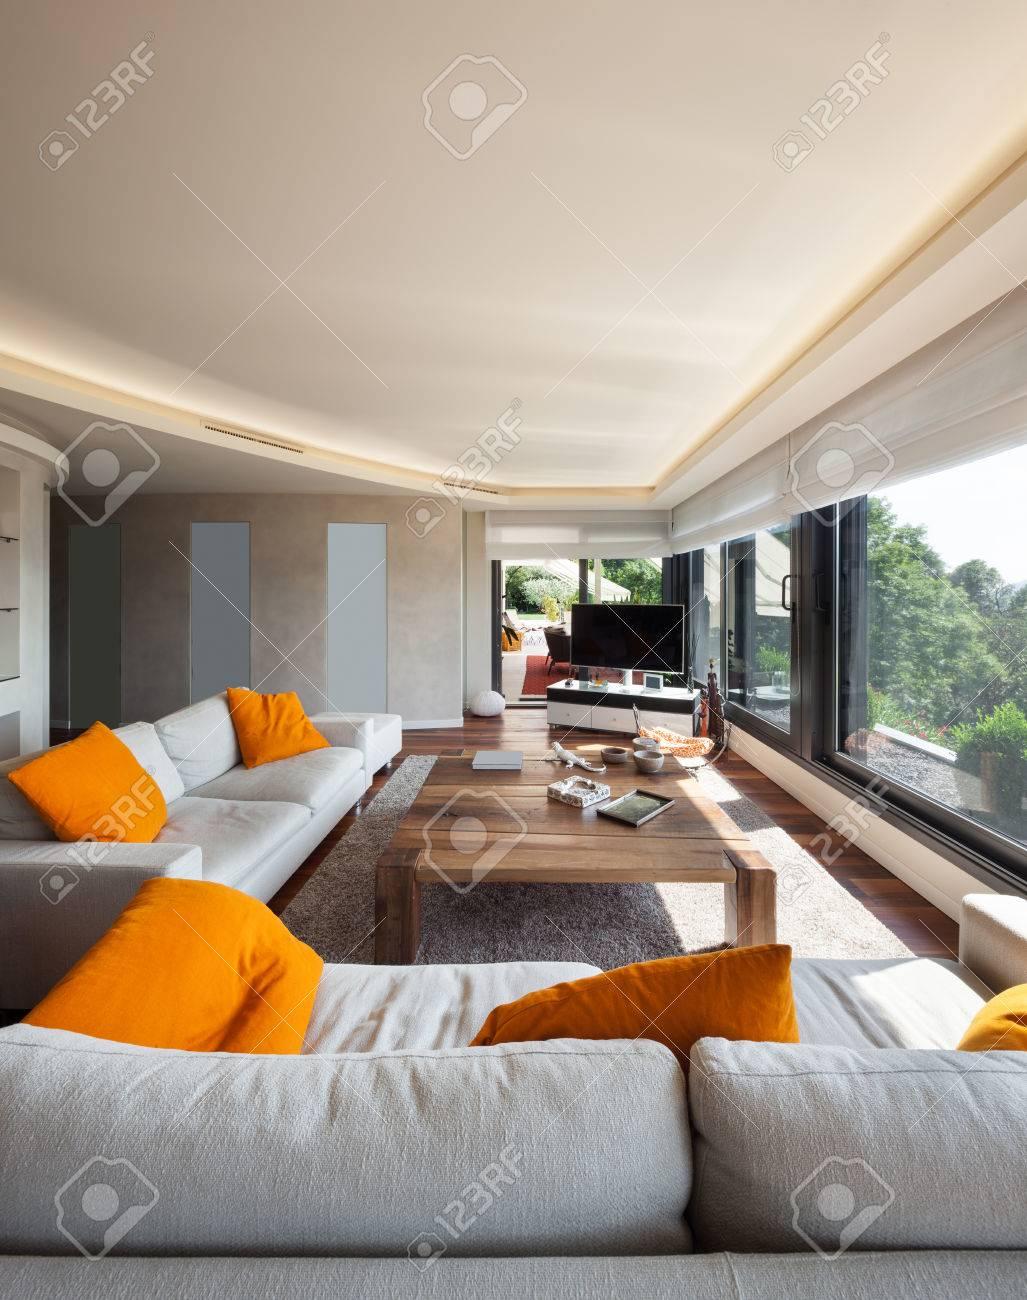 hermosos salones de apartamentos Interior Hermosa Sala De Estar De Un Apartamento De Lujo